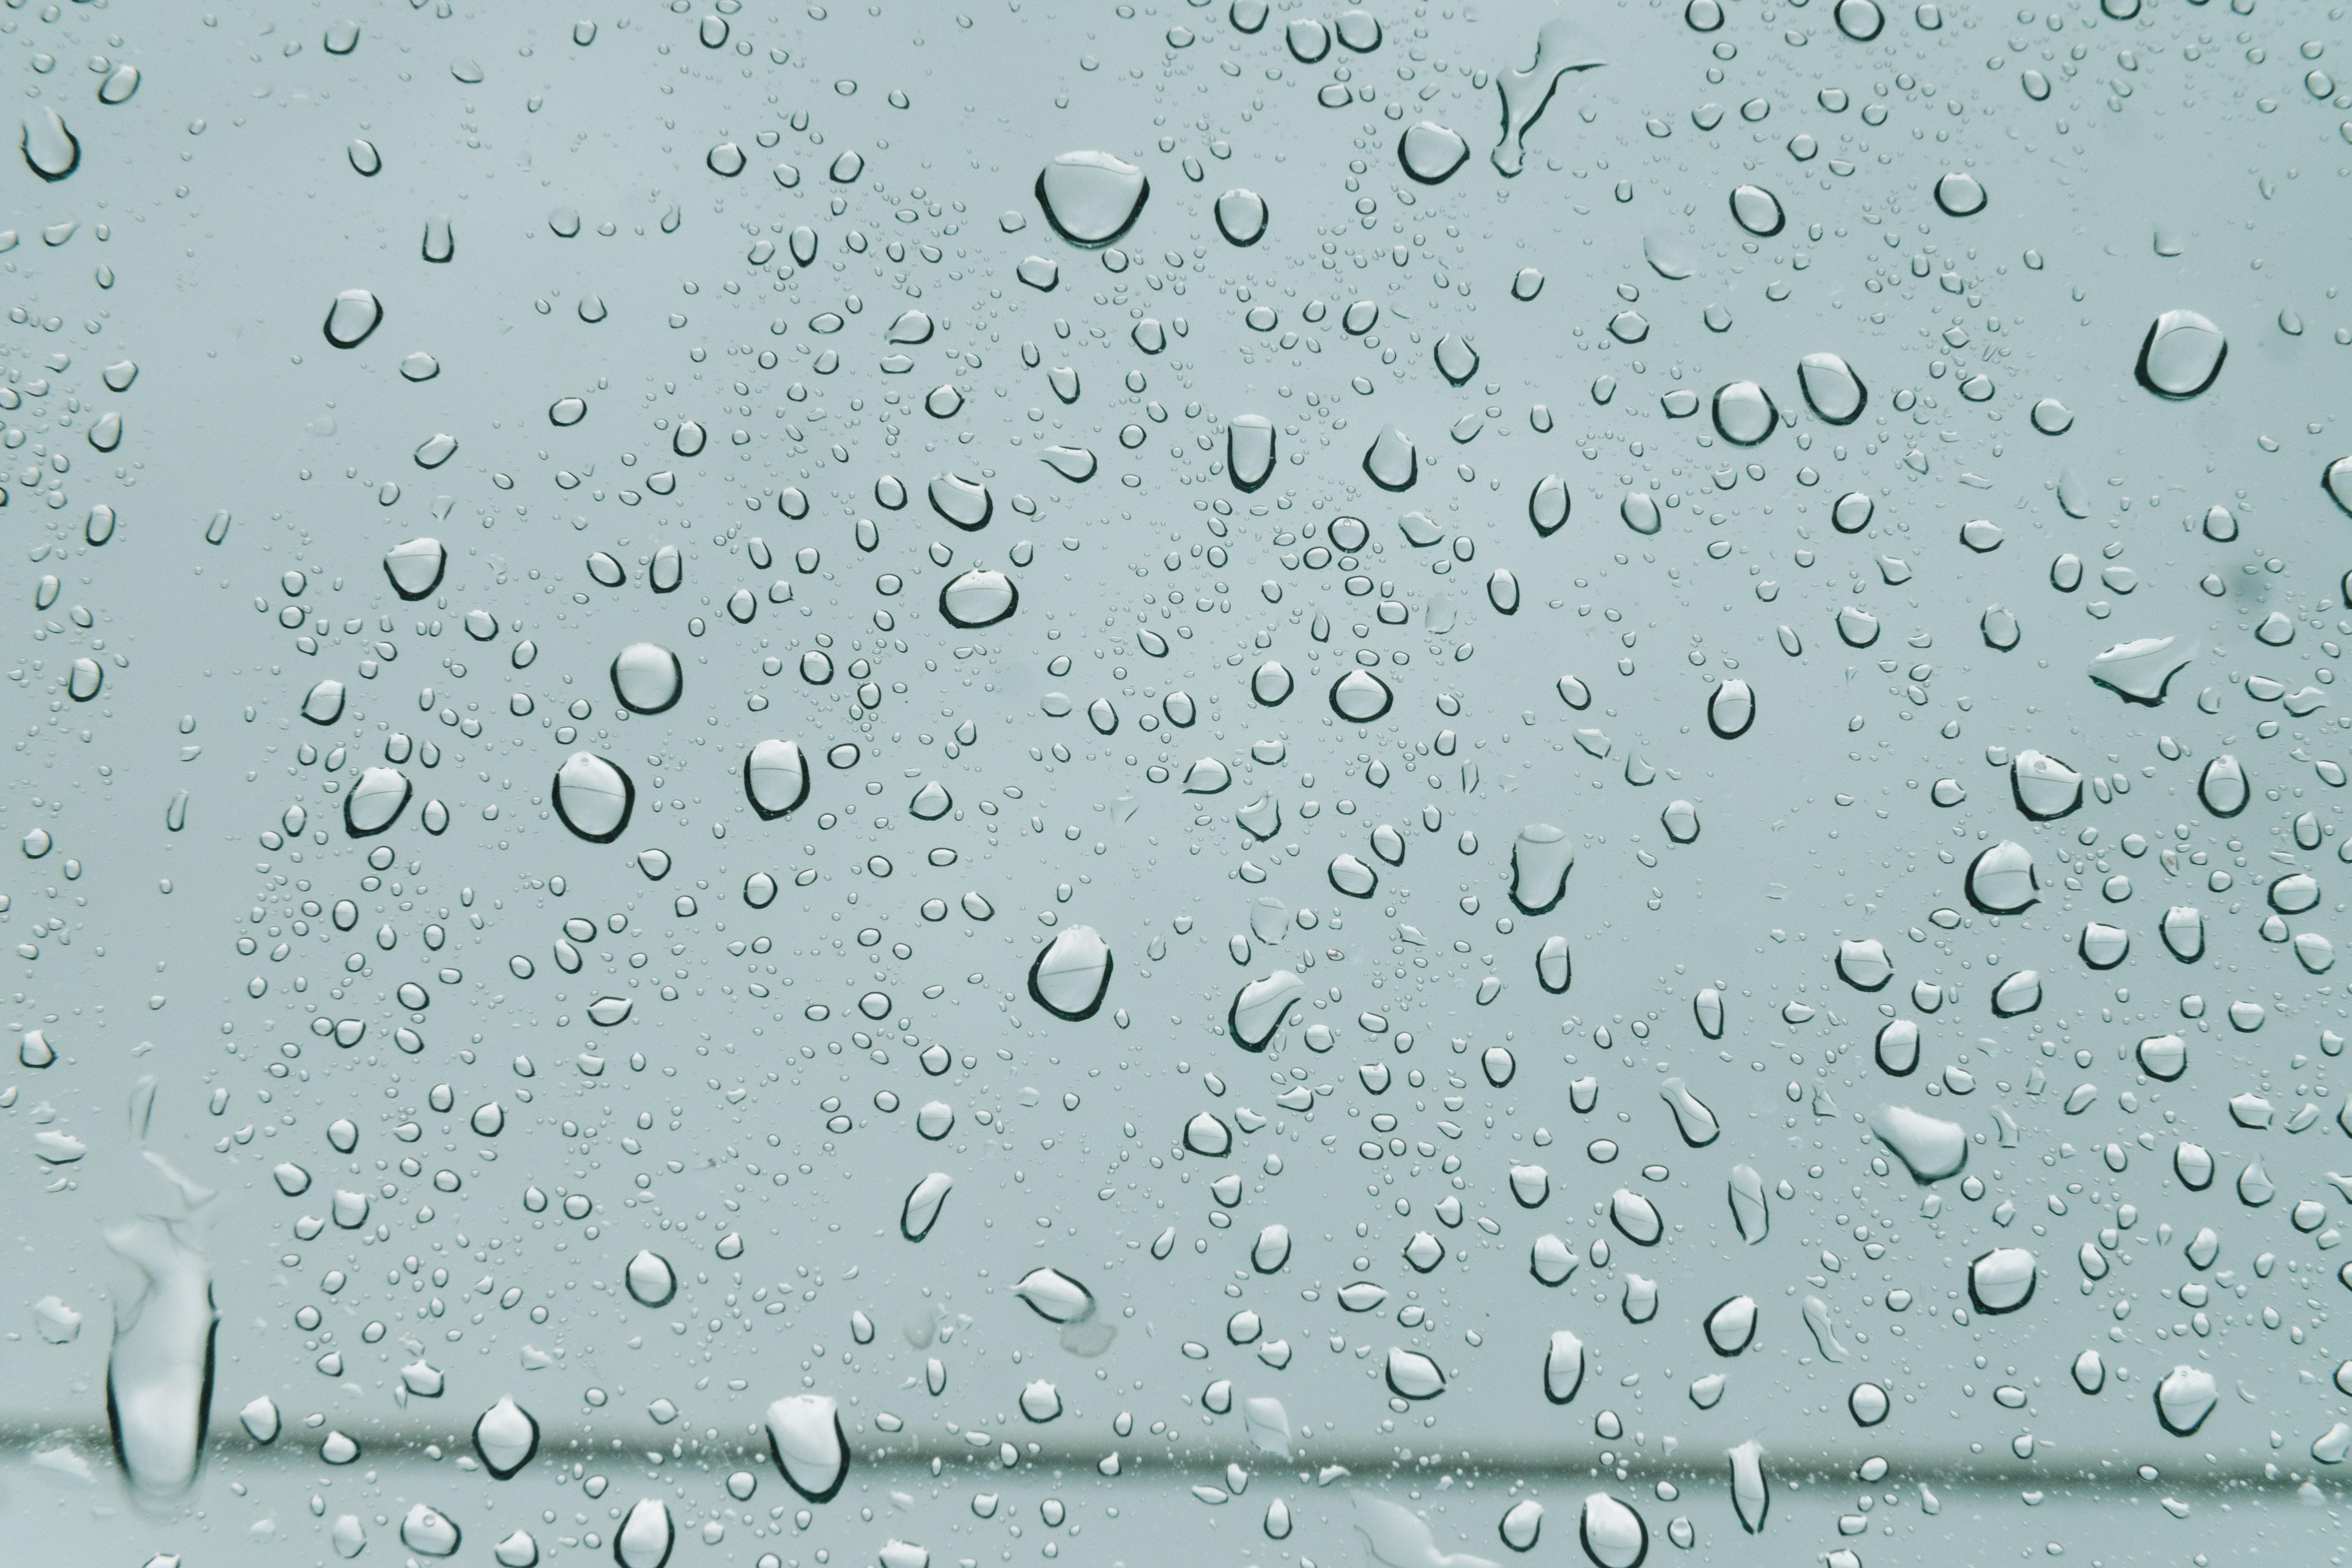 macro shot of water drops